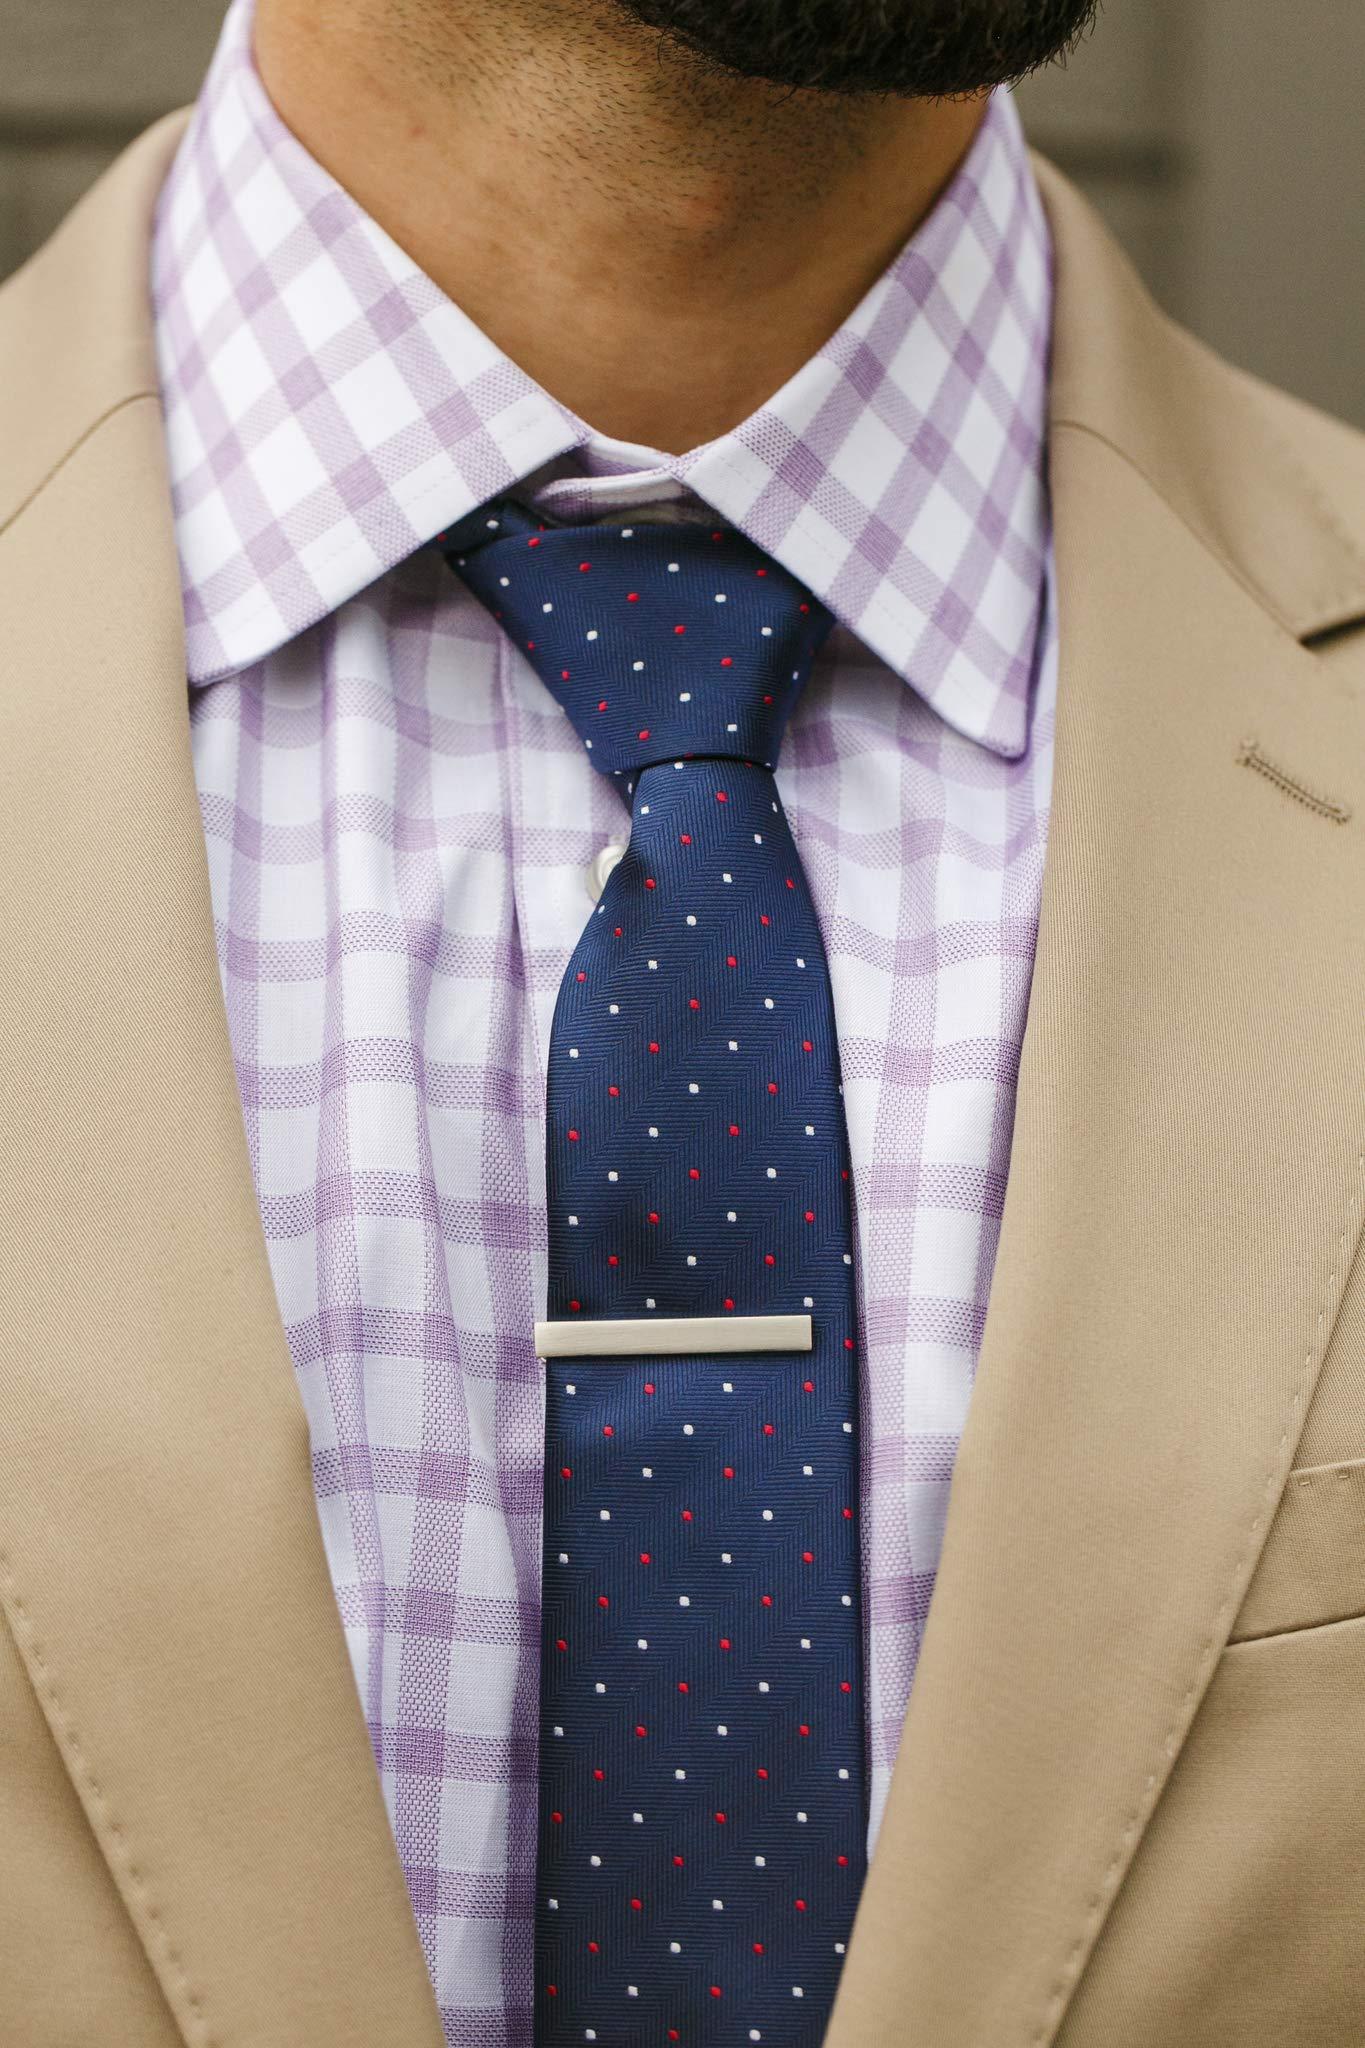 Cueva Bar 4.13 cm Tie Clip, Suiting Tie Clip, Great Gift for Men, Classic Style, Office Look, Wedding Business Necktie Clip, Silver Steel, Unique Design, Everyday Wear, Fashion Necktie Clip by Cueva (Image #5)